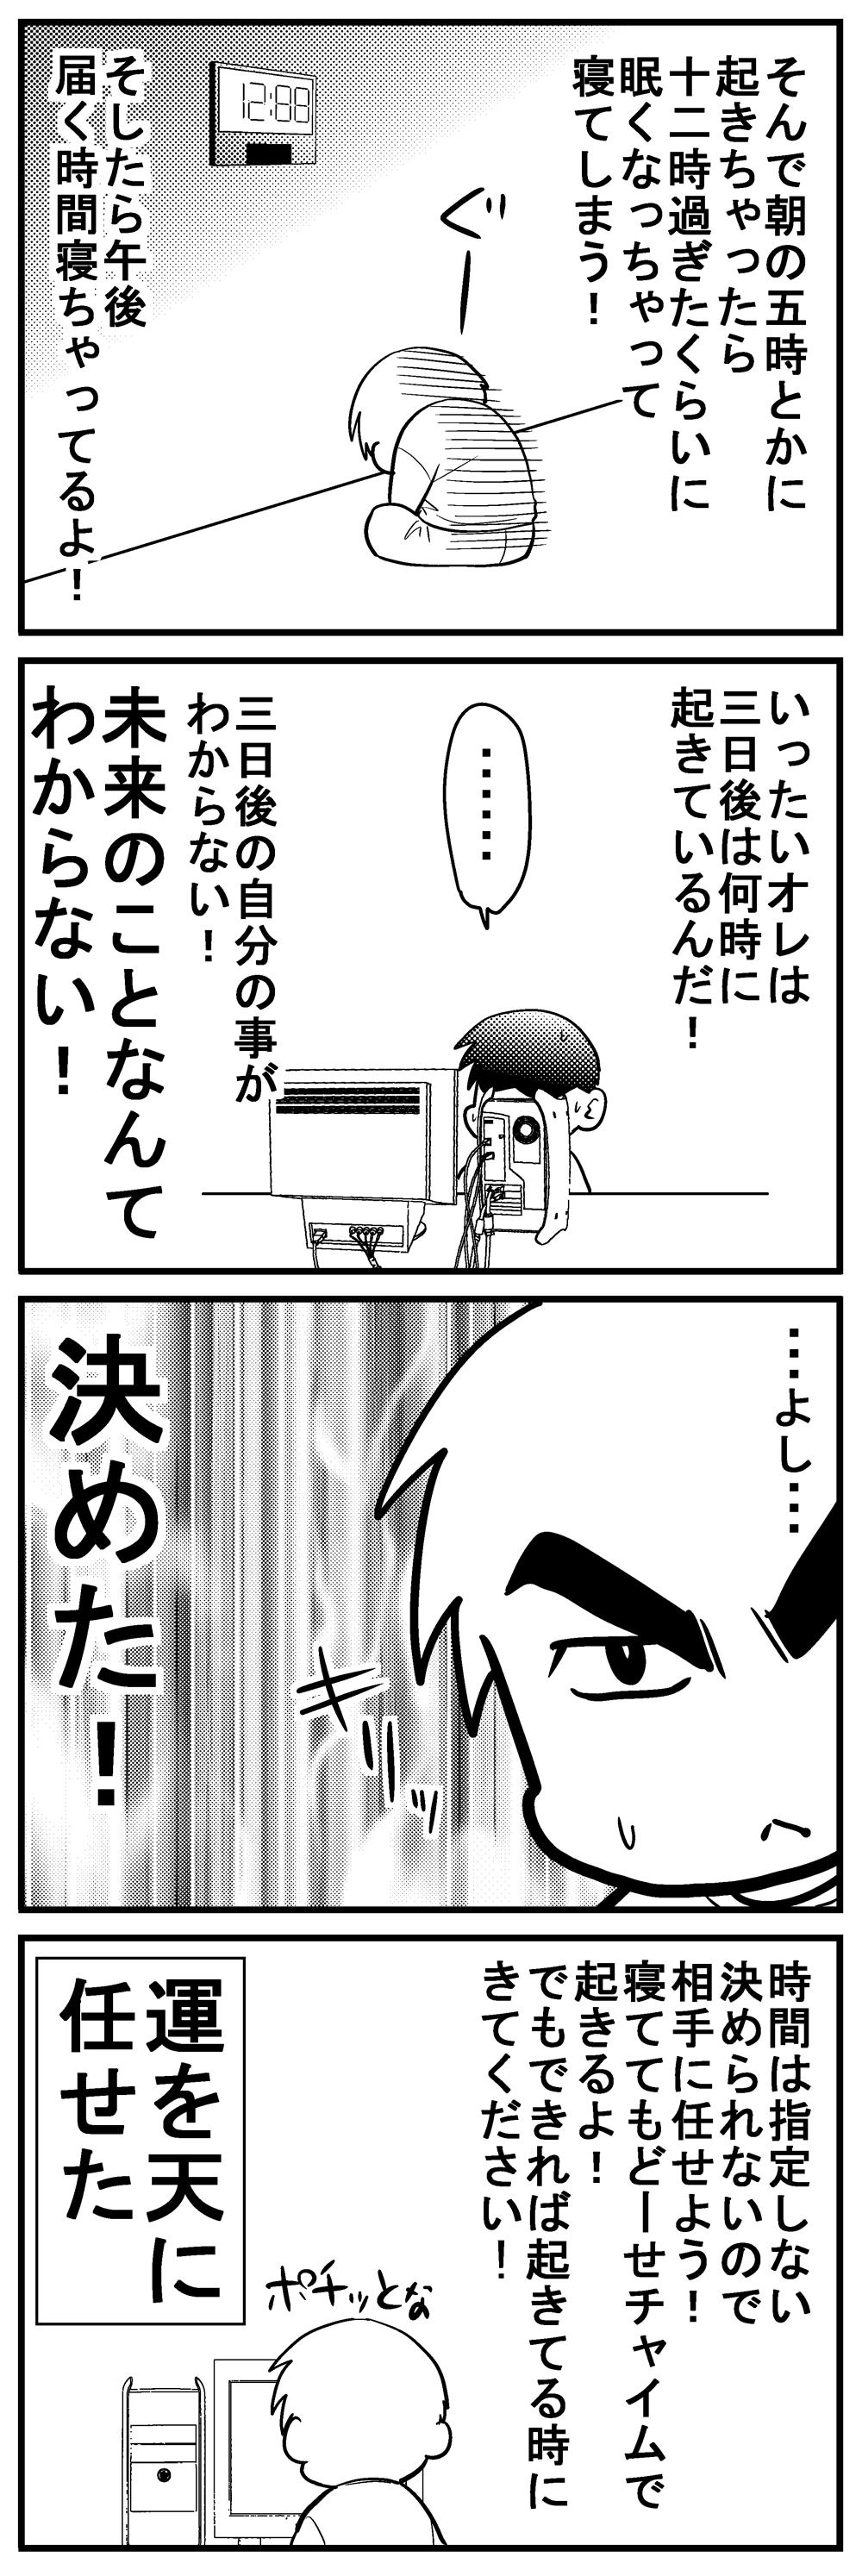 深読みくん128 4